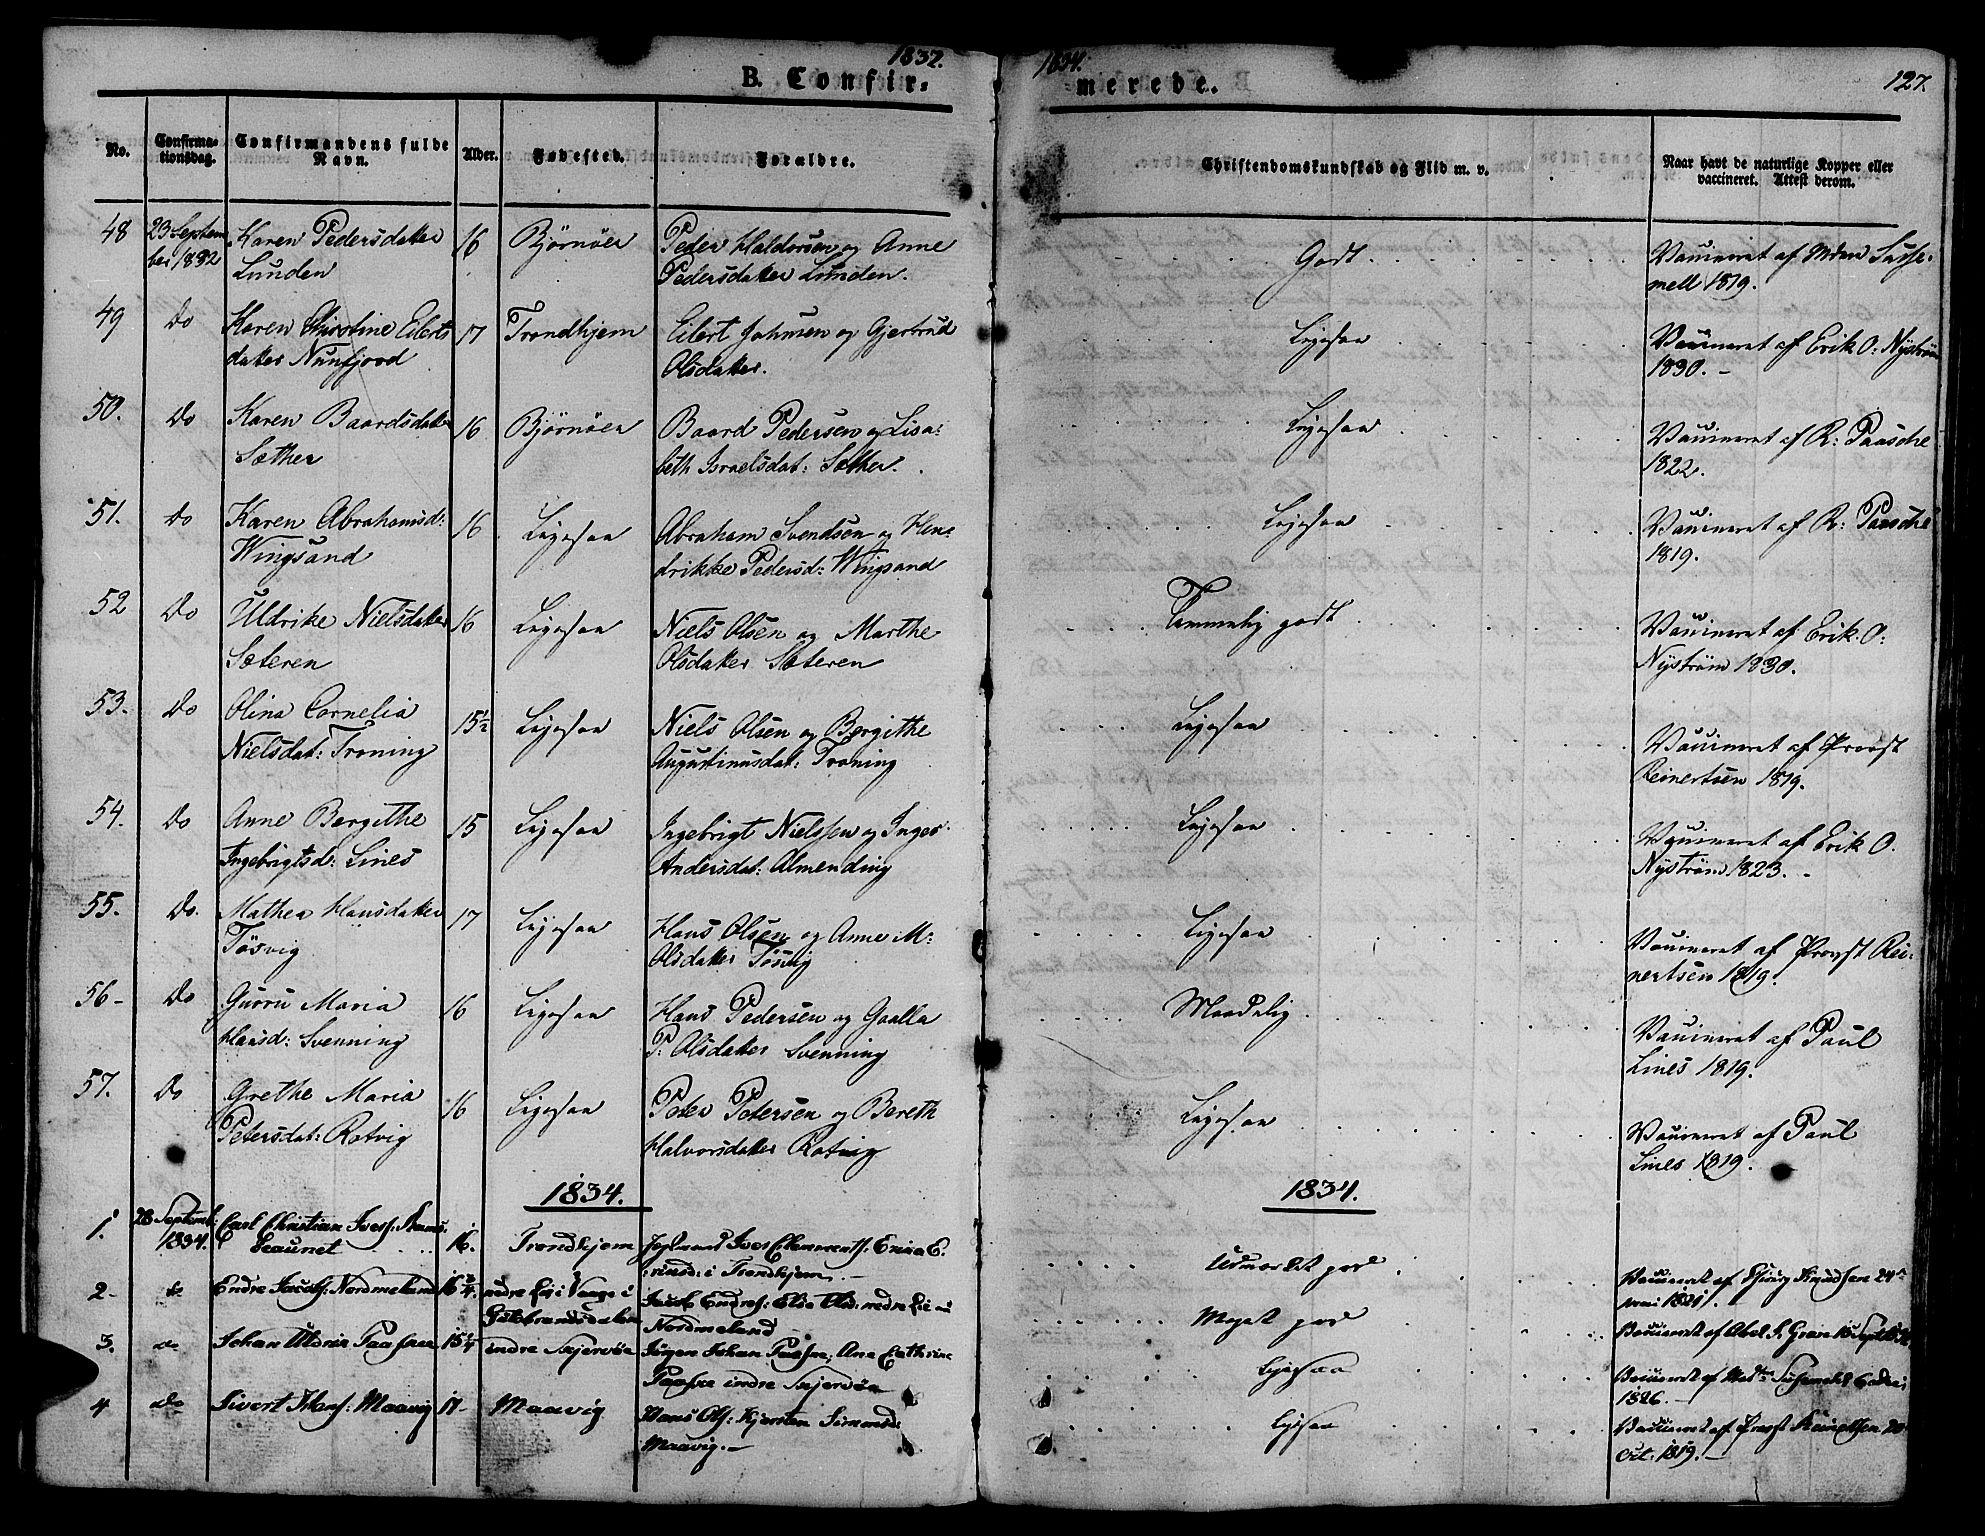 SAT, Ministerialprotokoller, klokkerbøker og fødselsregistre - Sør-Trøndelag, 657/L0703: Ministerialbok nr. 657A04, 1831-1846, s. 127